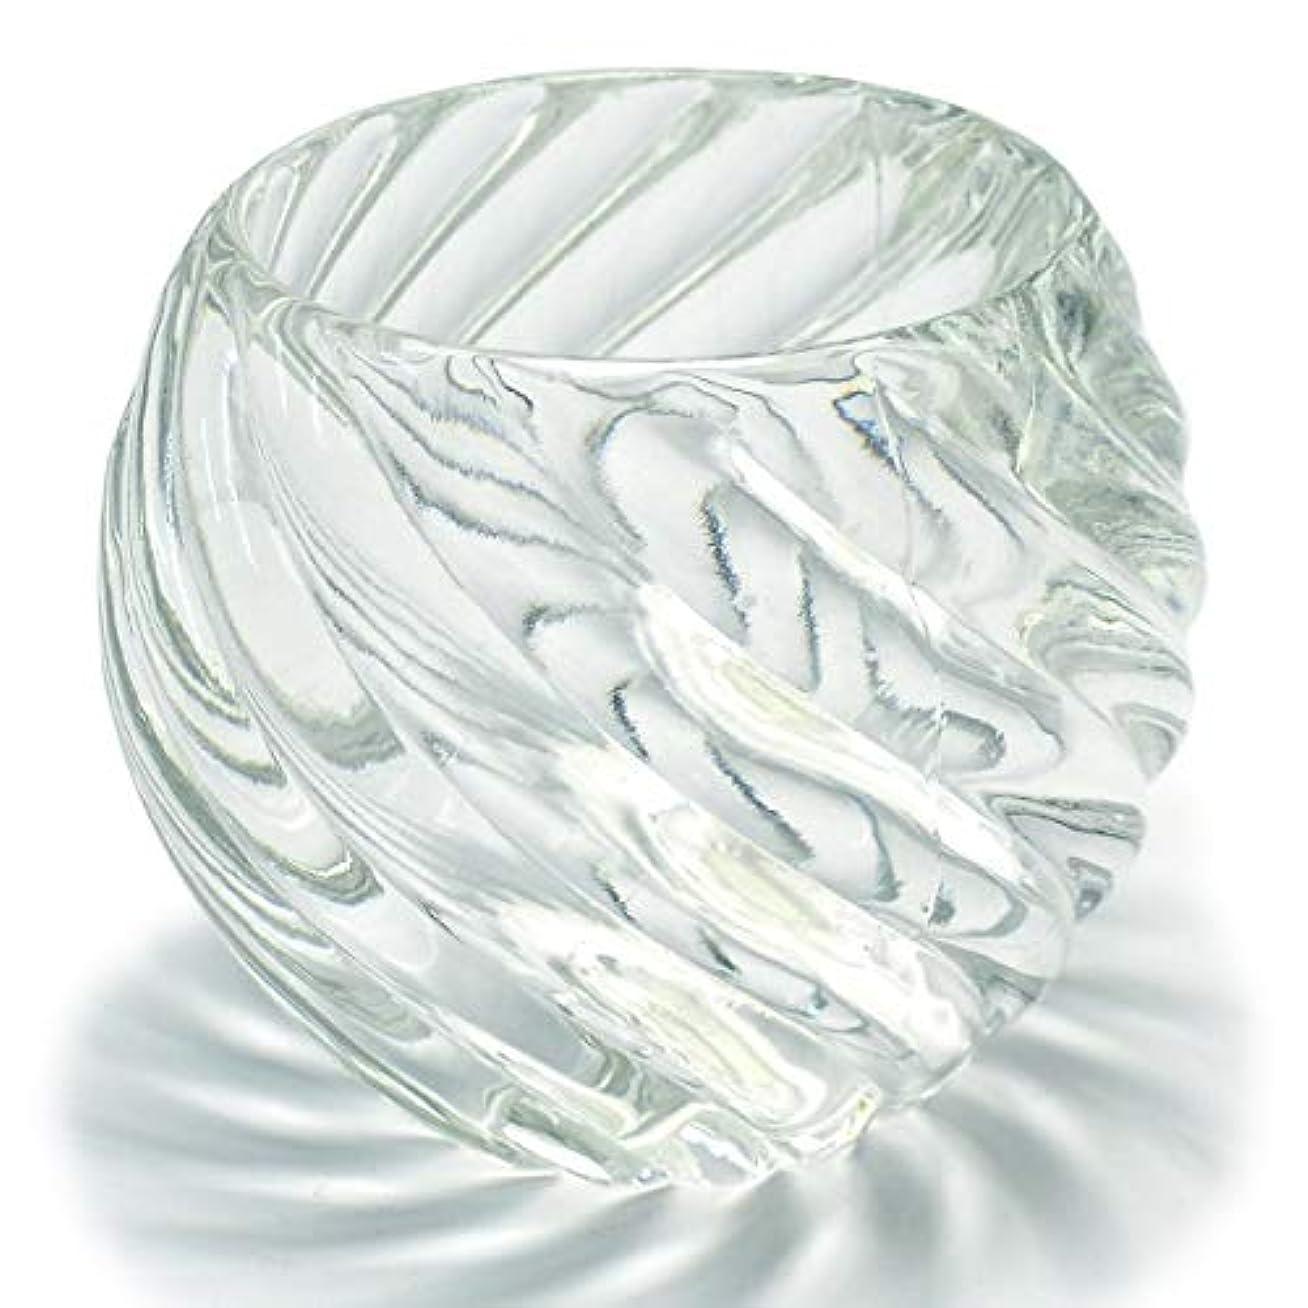 グリース有効なベリーキャンドルホルダー ガラス 3 キャンドルスタンド クリスマス ティーキャンドル 誕生日 記念日